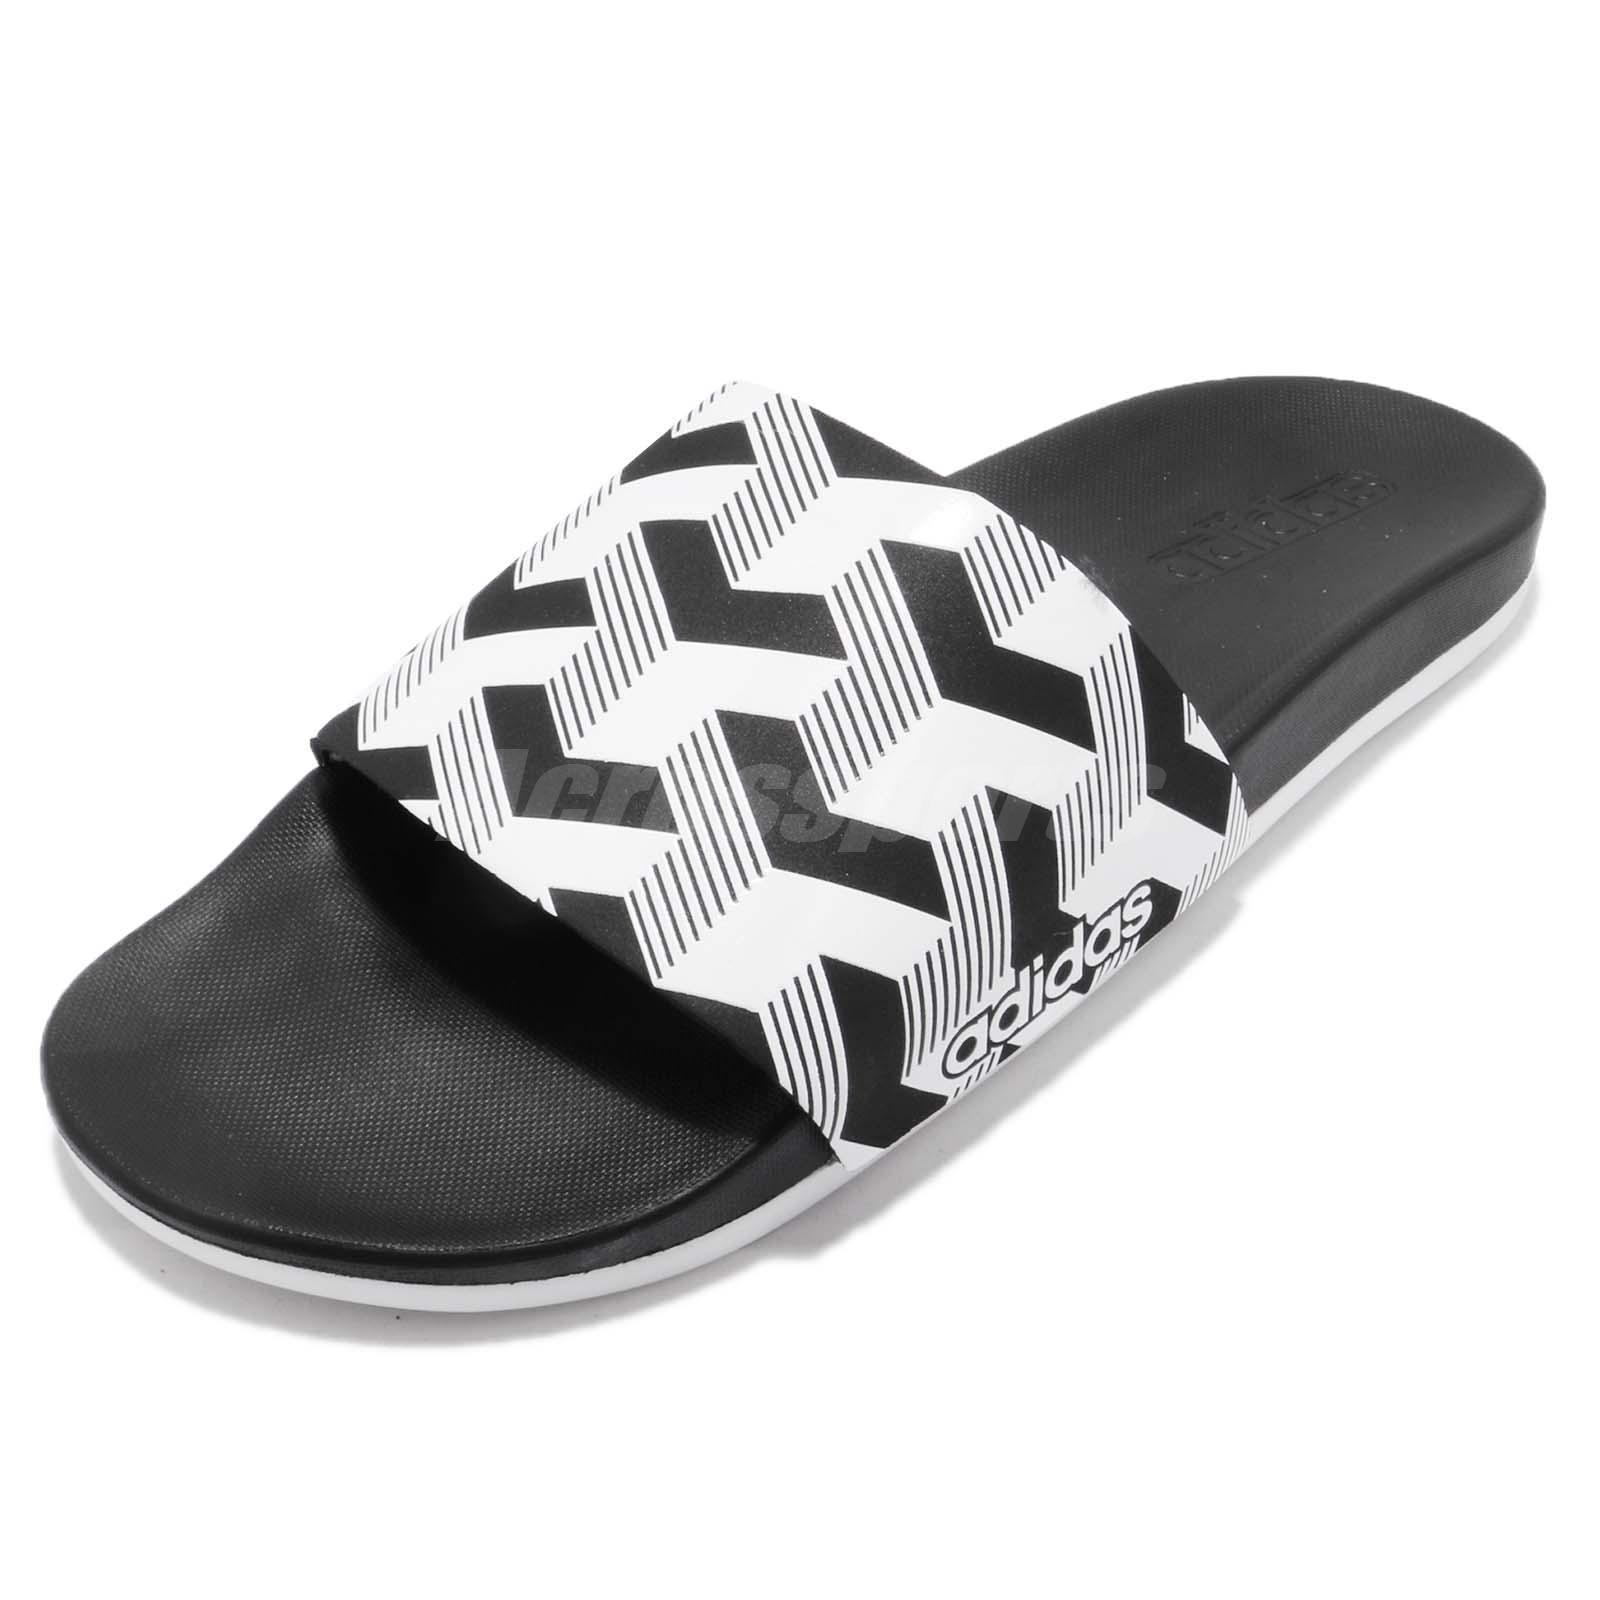 cheap for discount 1a74b 1c0ae adidas Adilette CF Link GR Cloud Foam Black White Men Slides Sandal CG2800